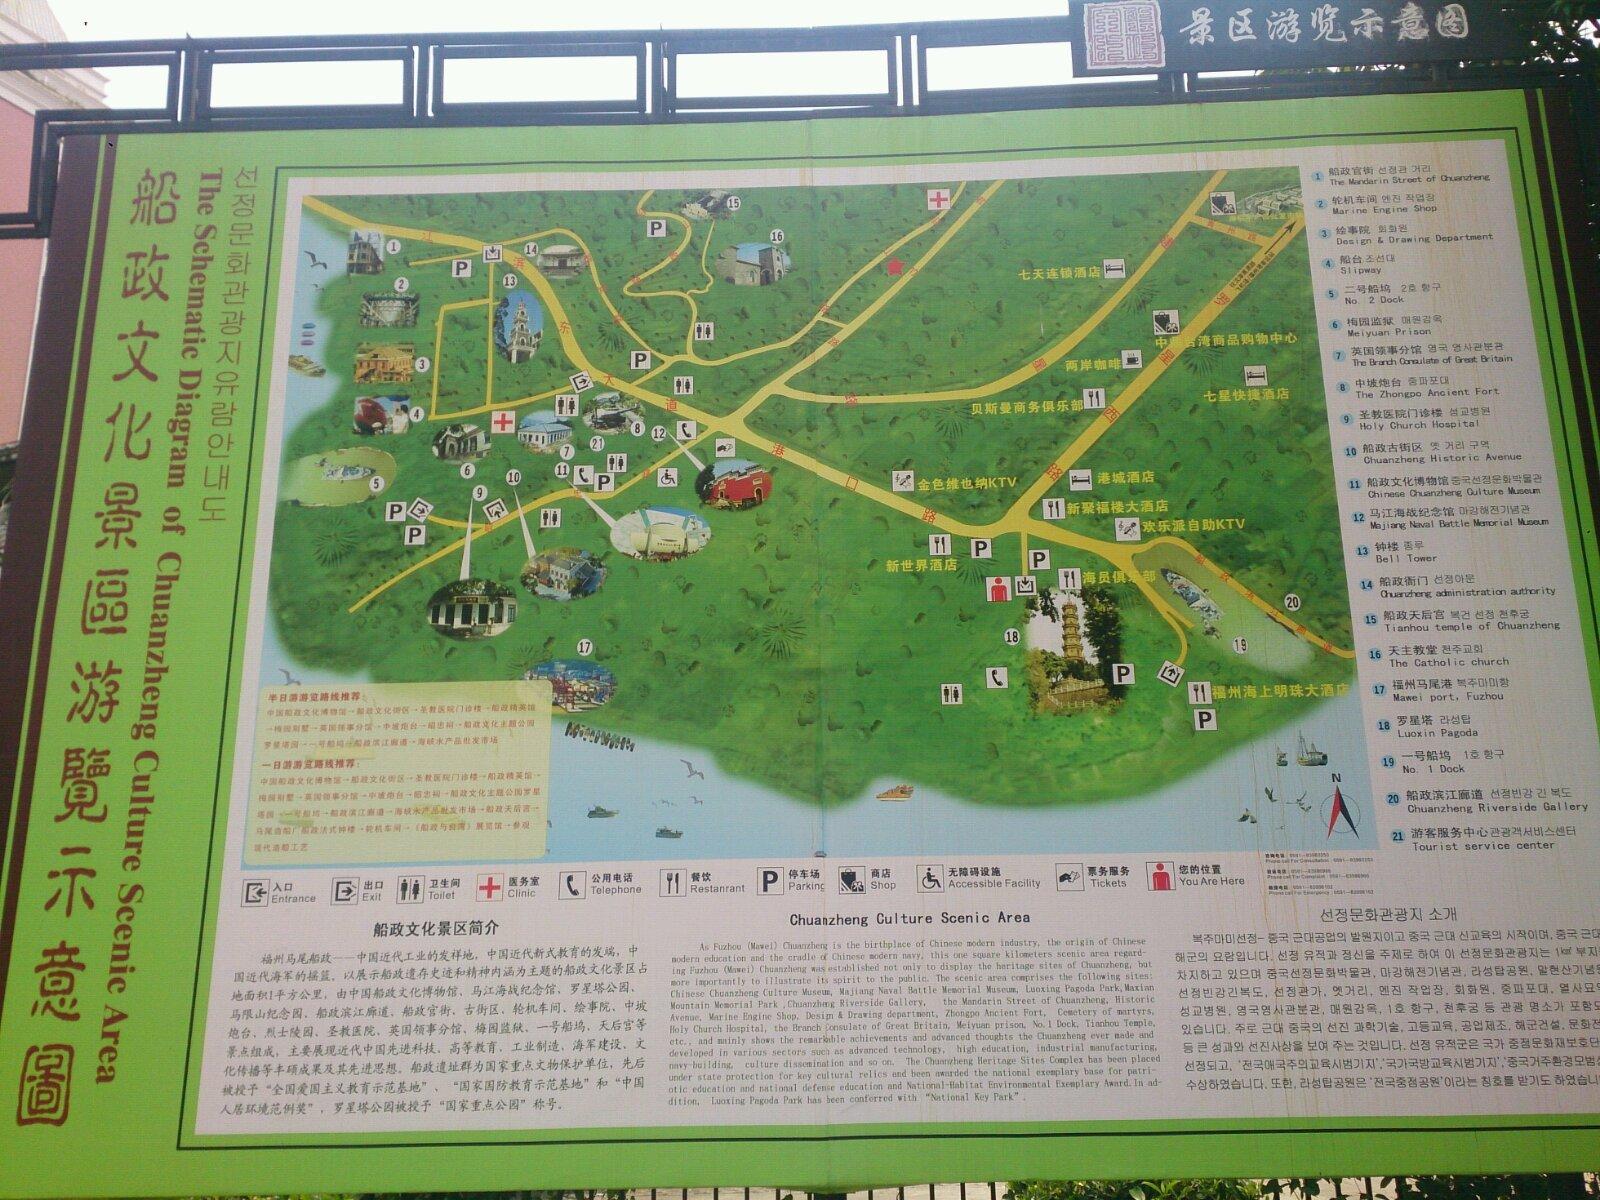 罗星塔公园地图